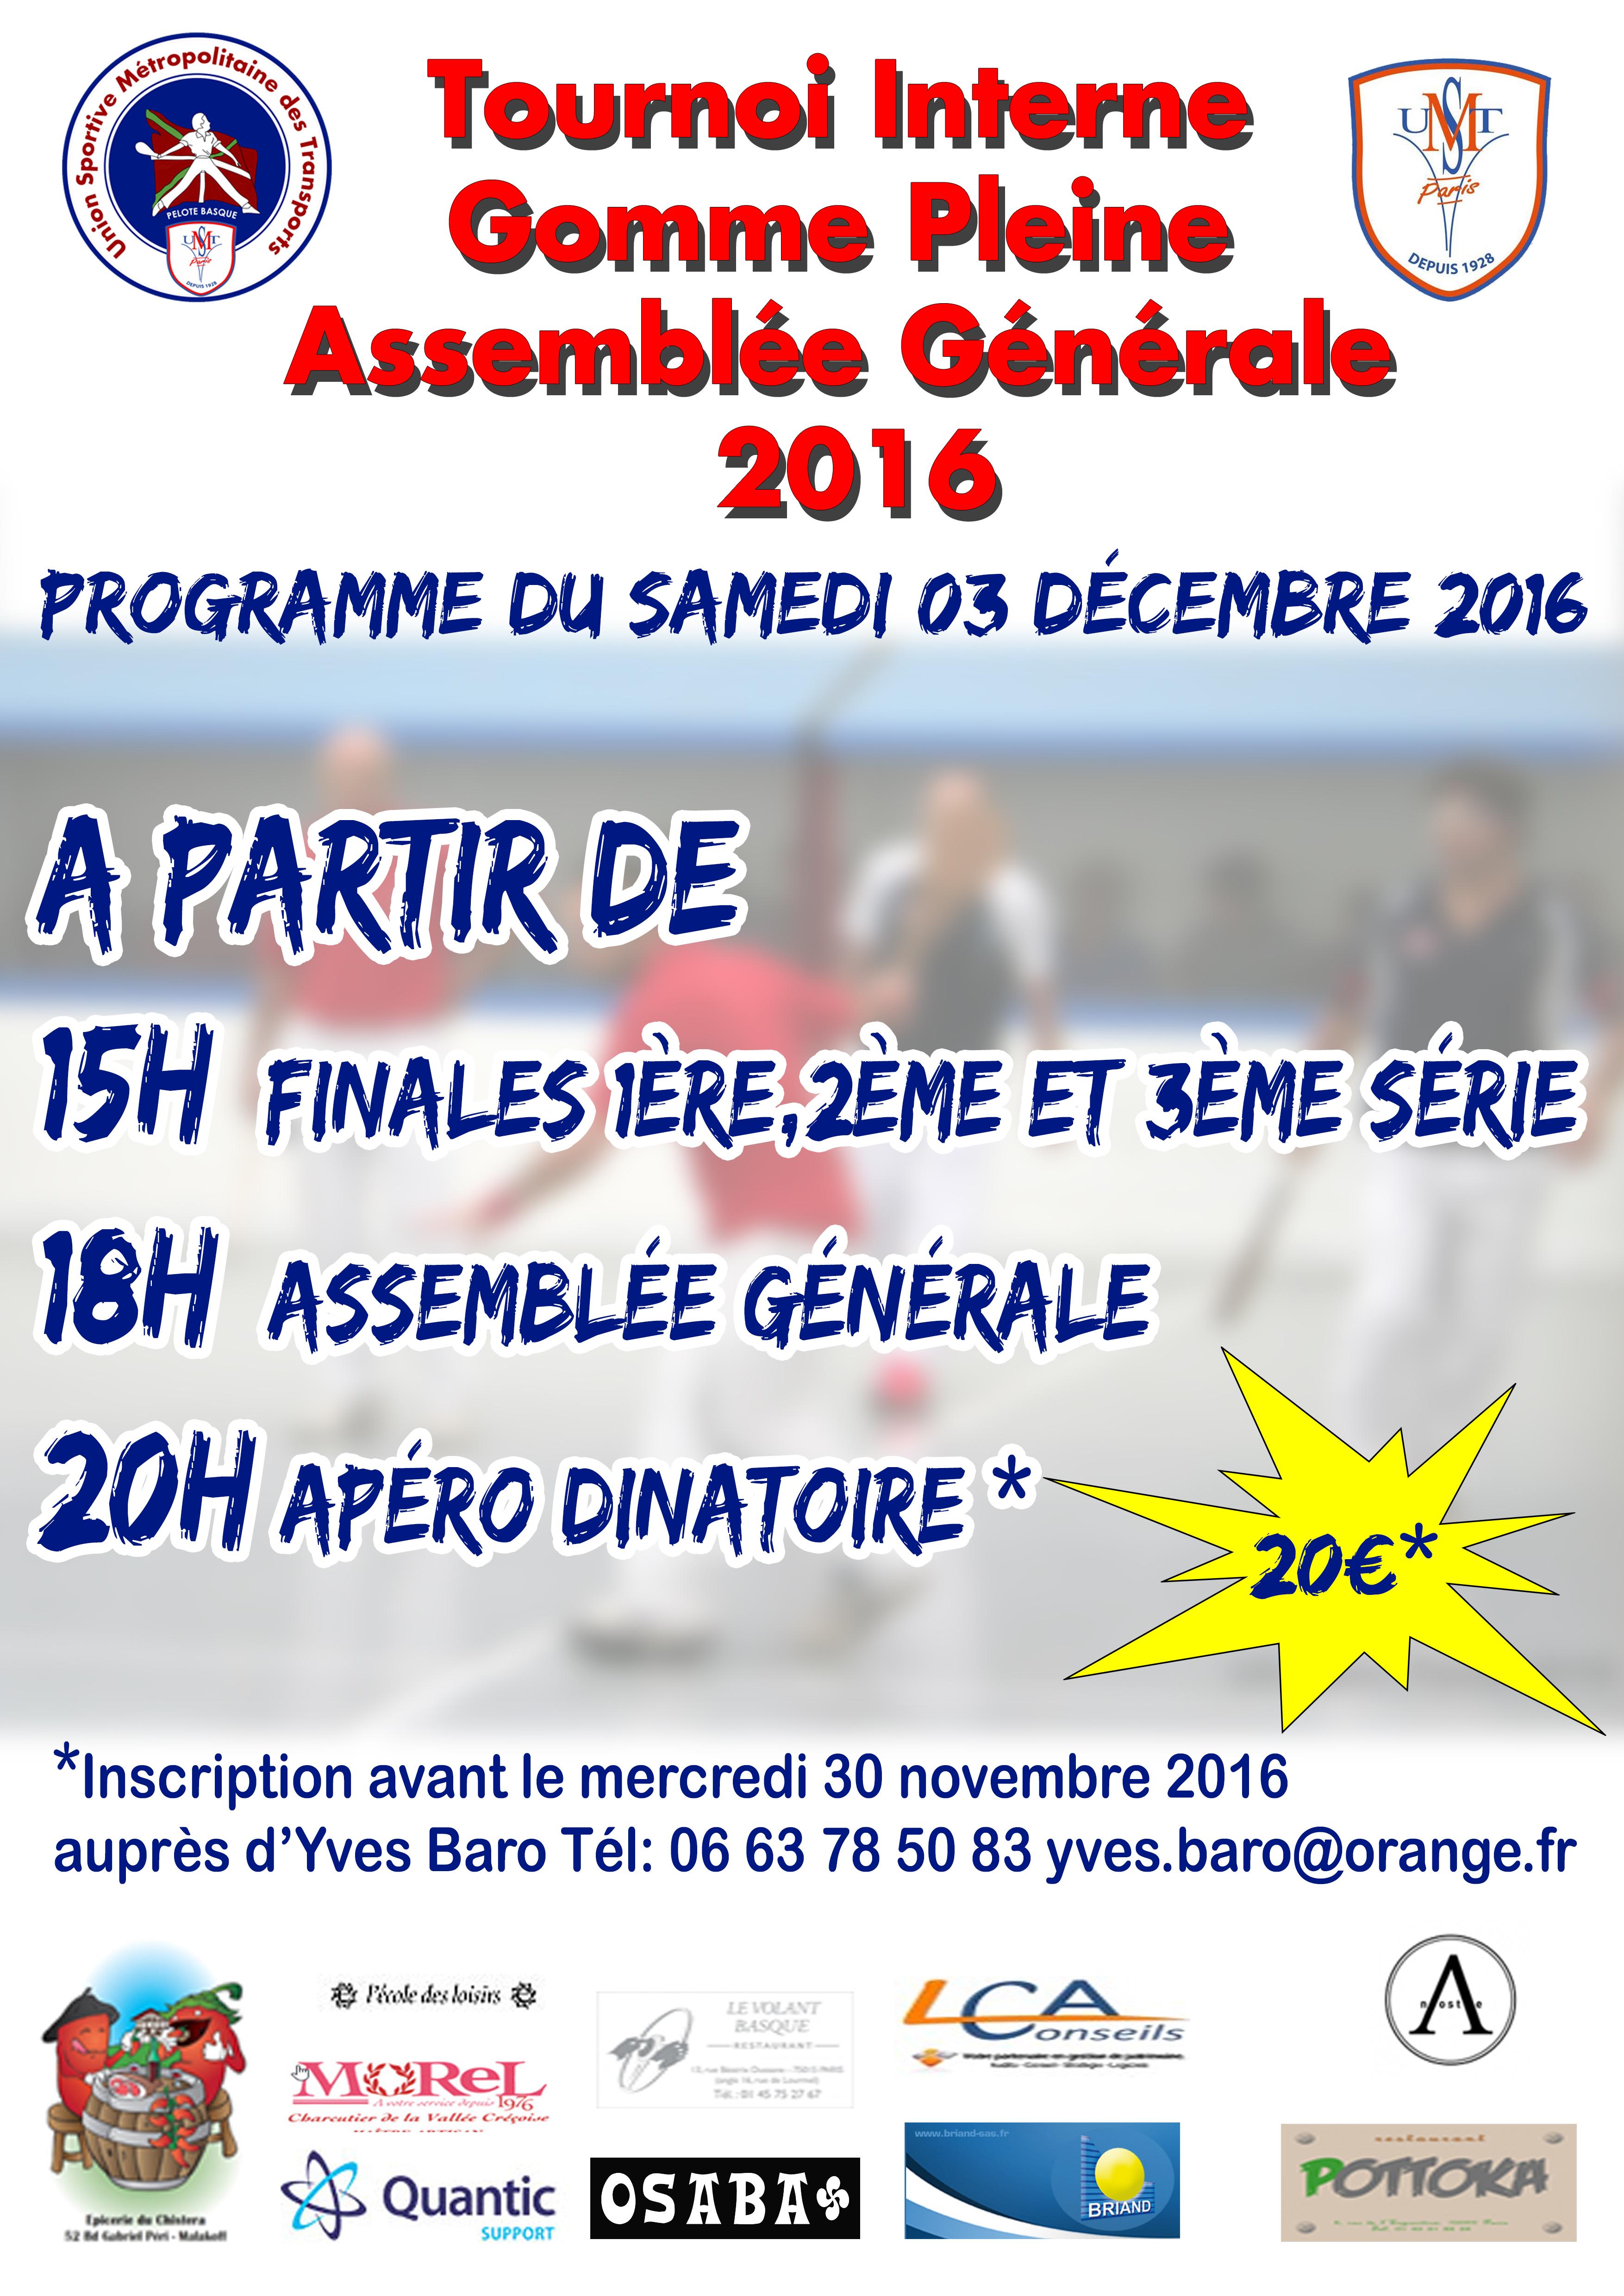 affichetournoiinterne2016v4